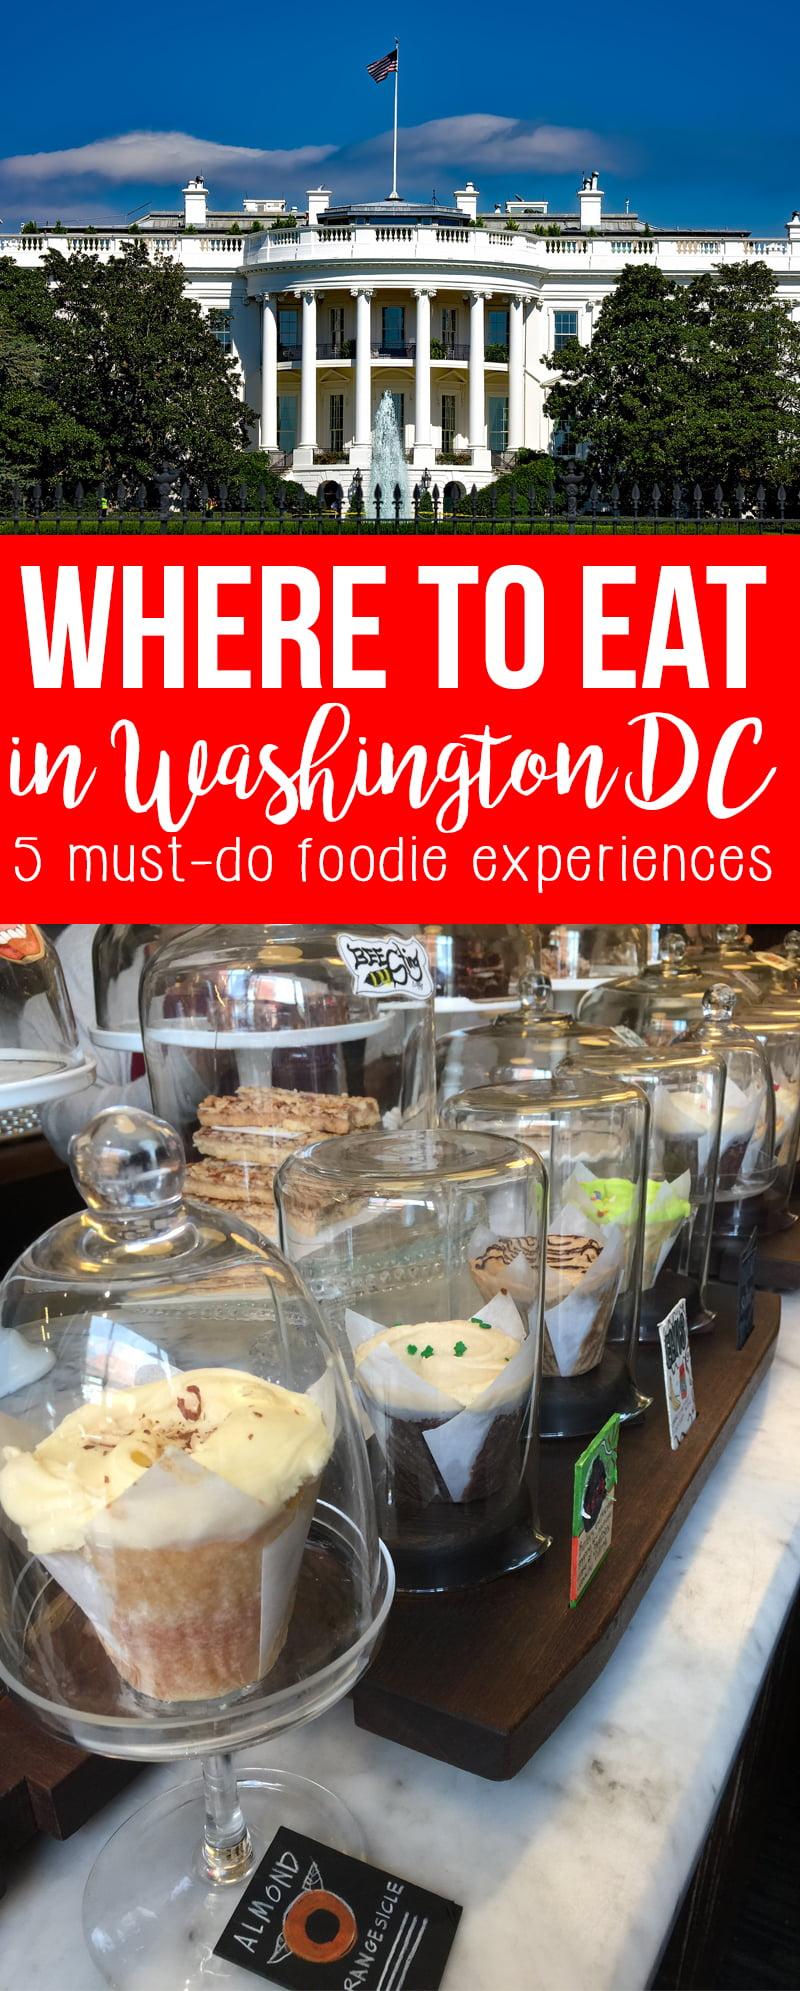 Best restaurants in washington dc must do foodie